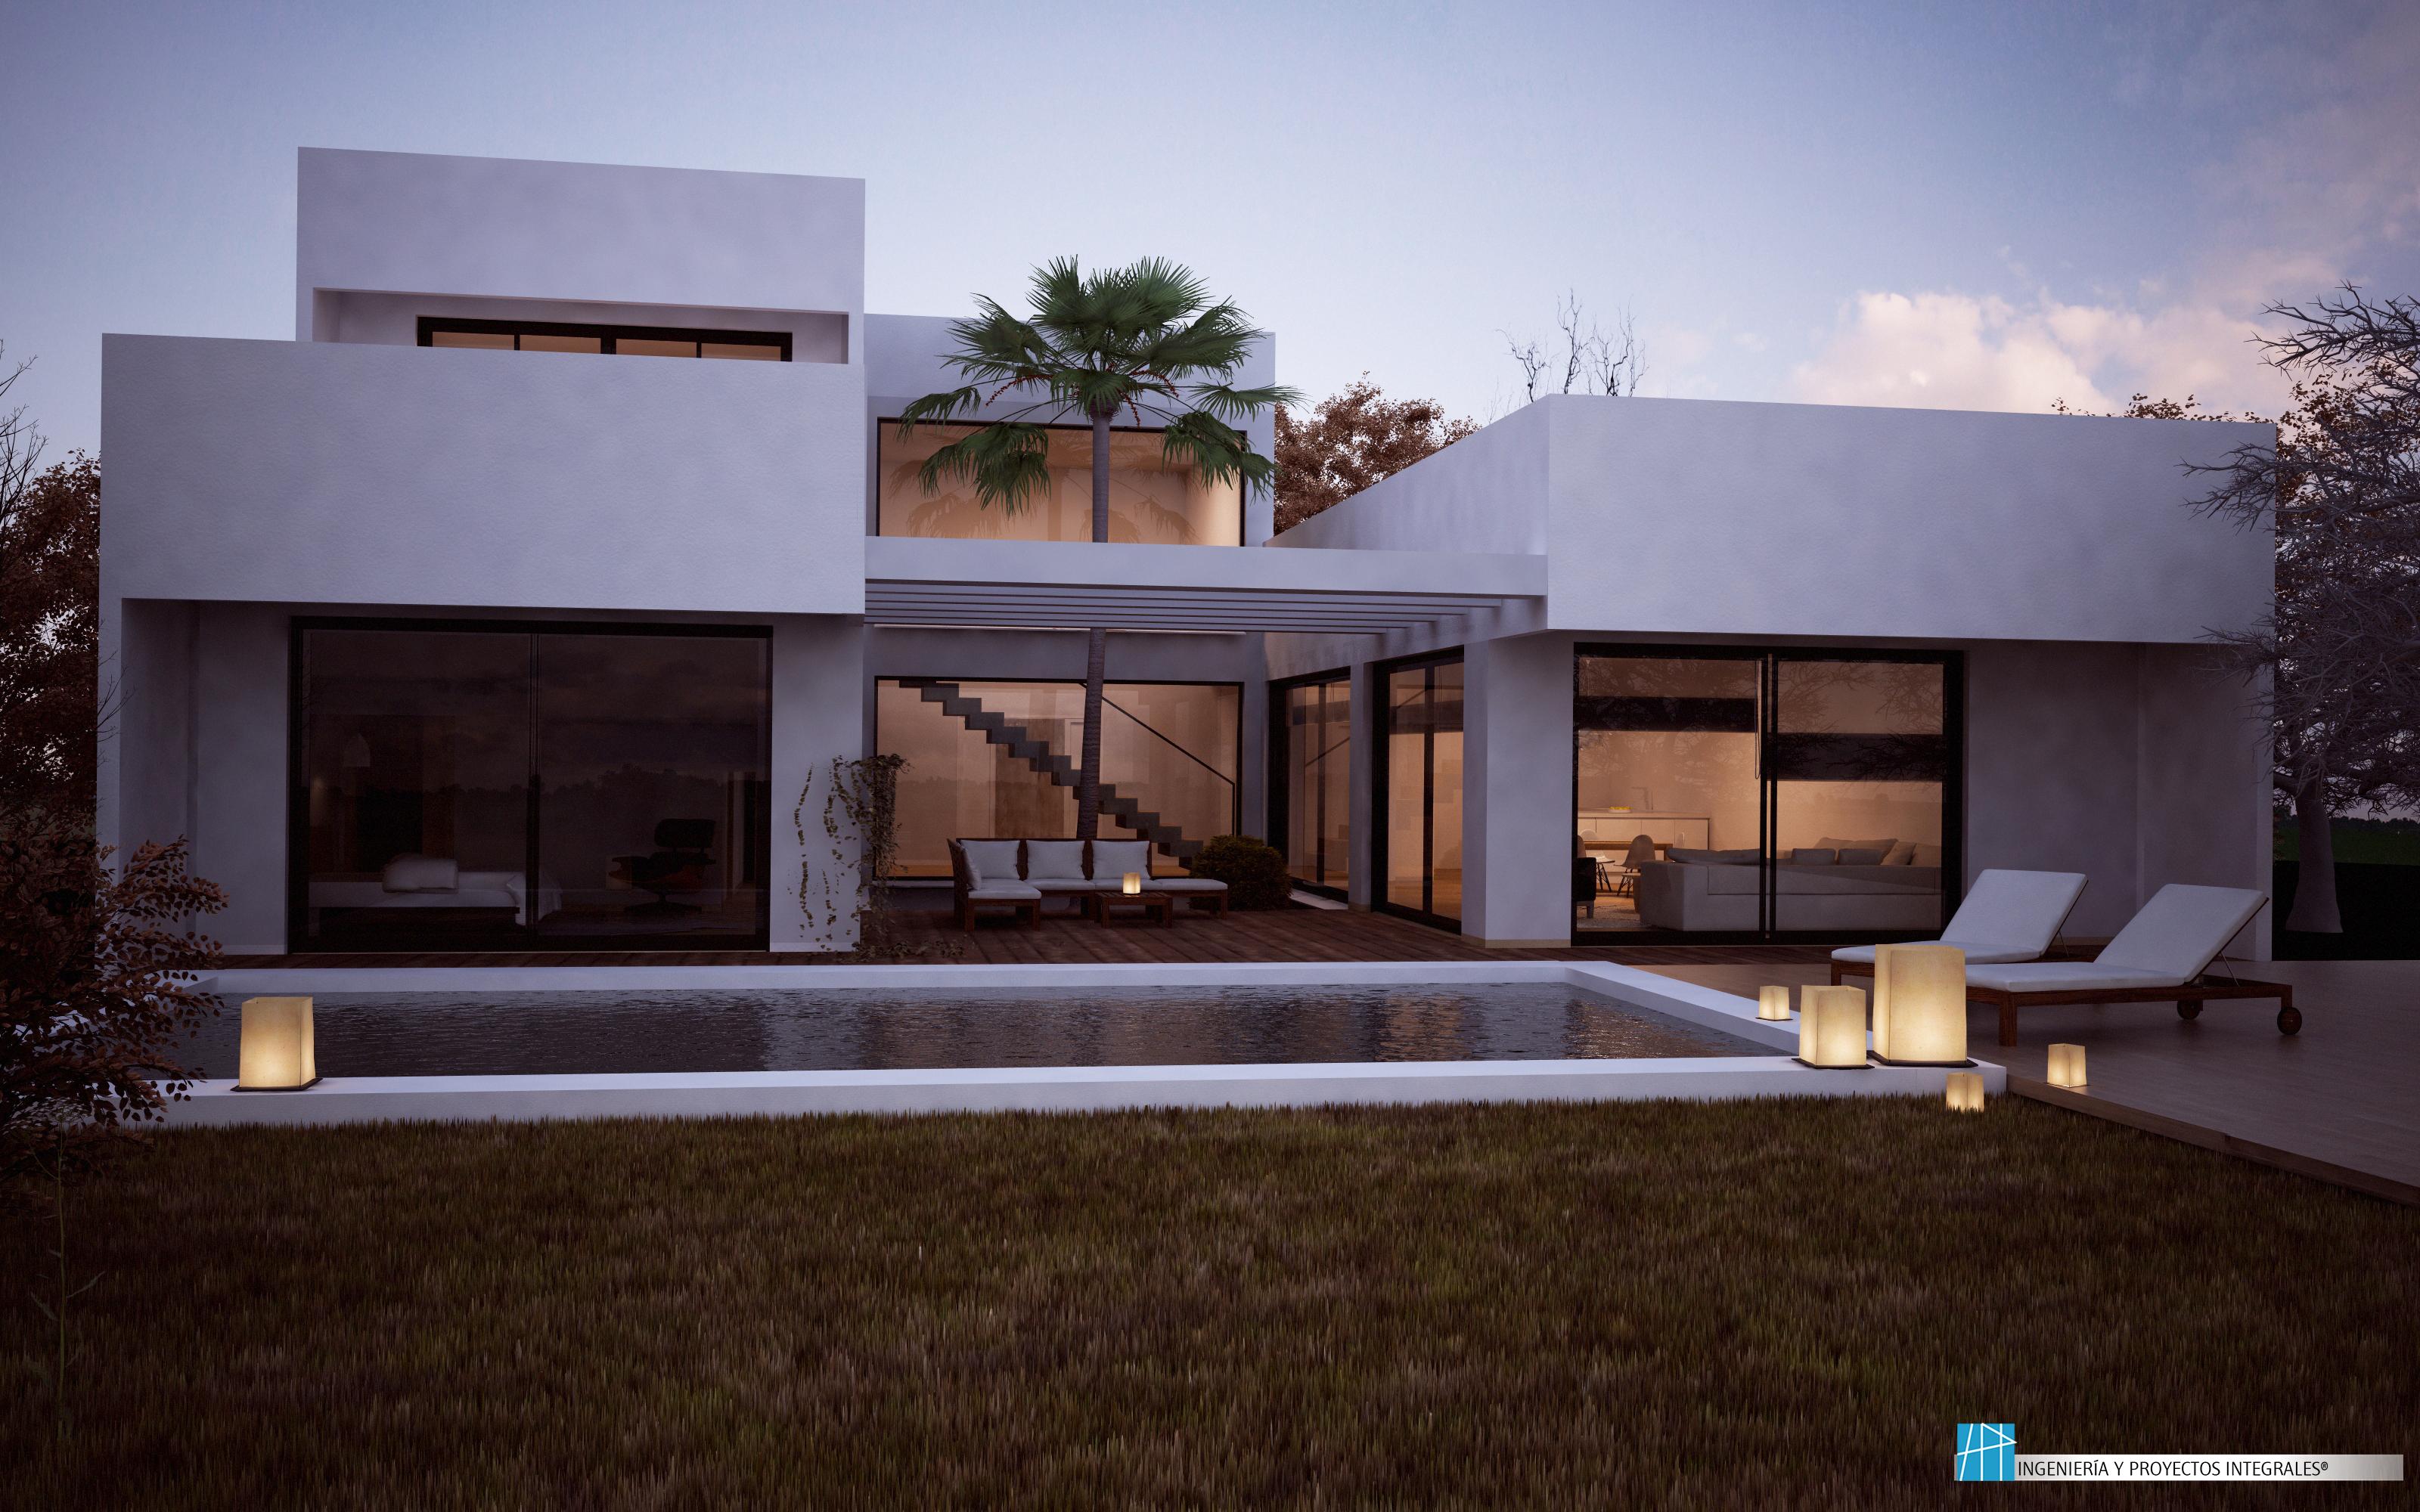 Viviendas unifamiliares en murcia ingenier a y proyectos - Proyectos casas unifamiliares ...